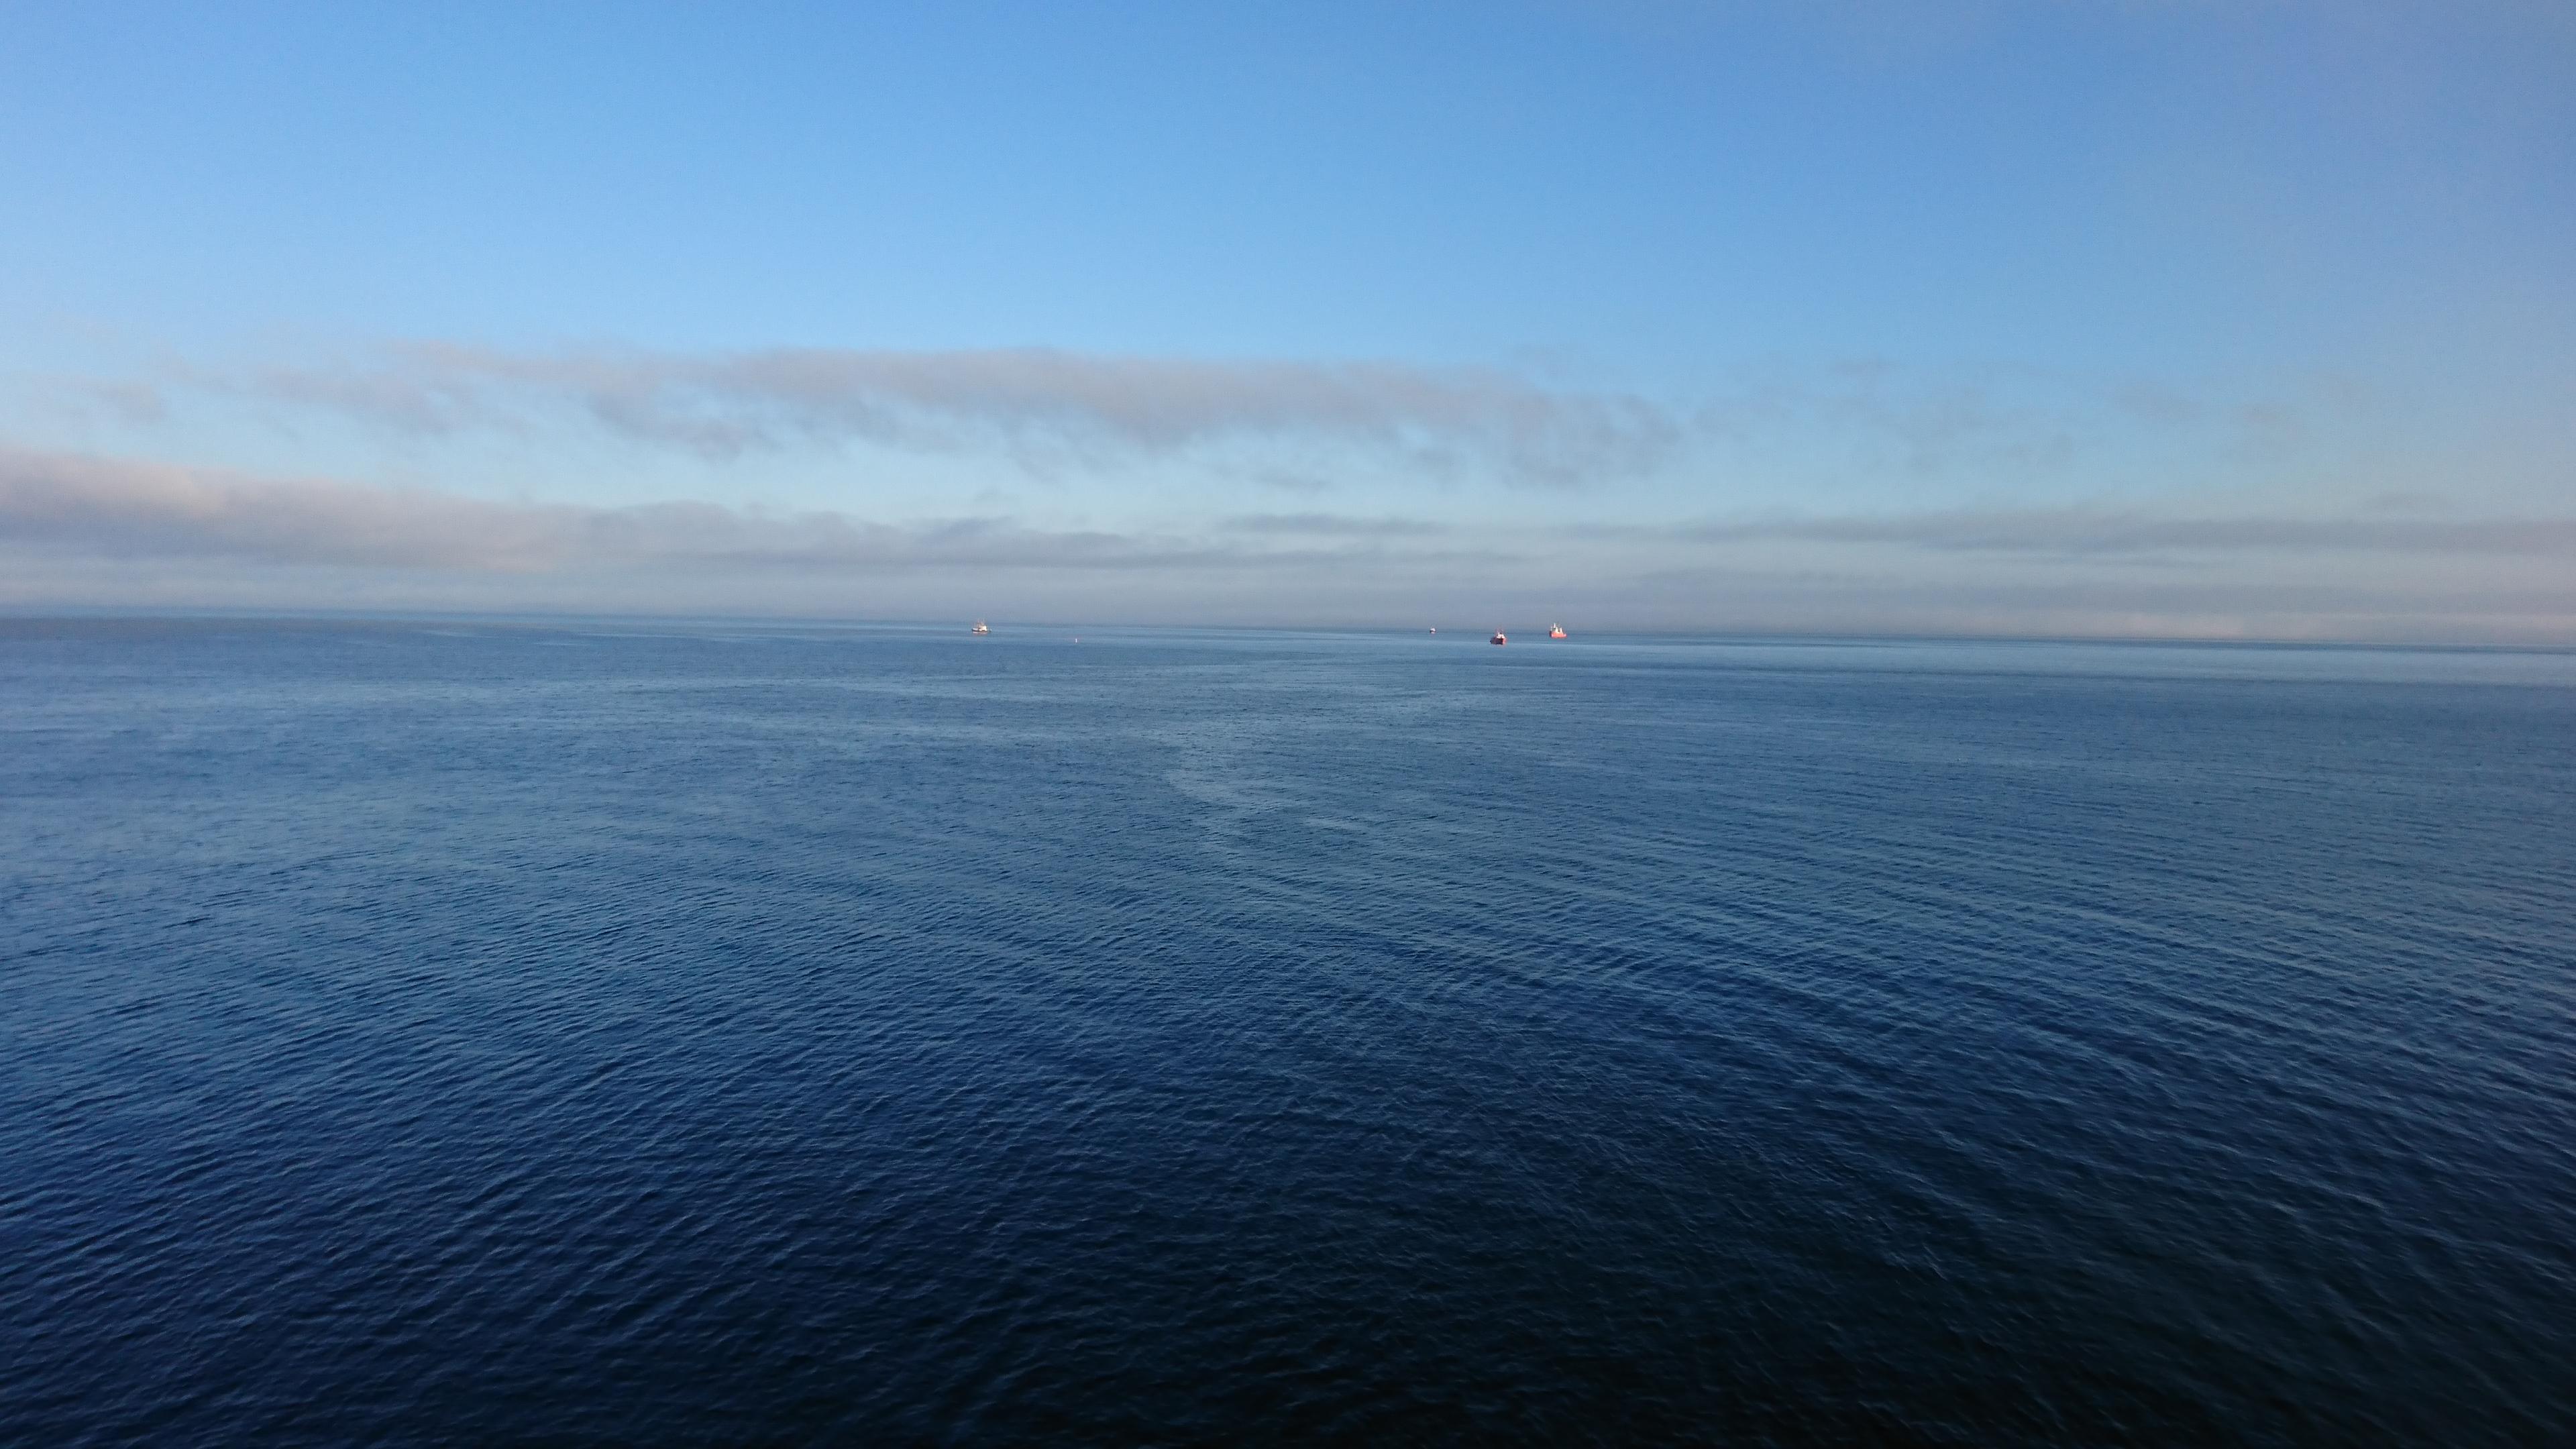 ダイヤモンドプリンセス船内から見たコルサコフの海